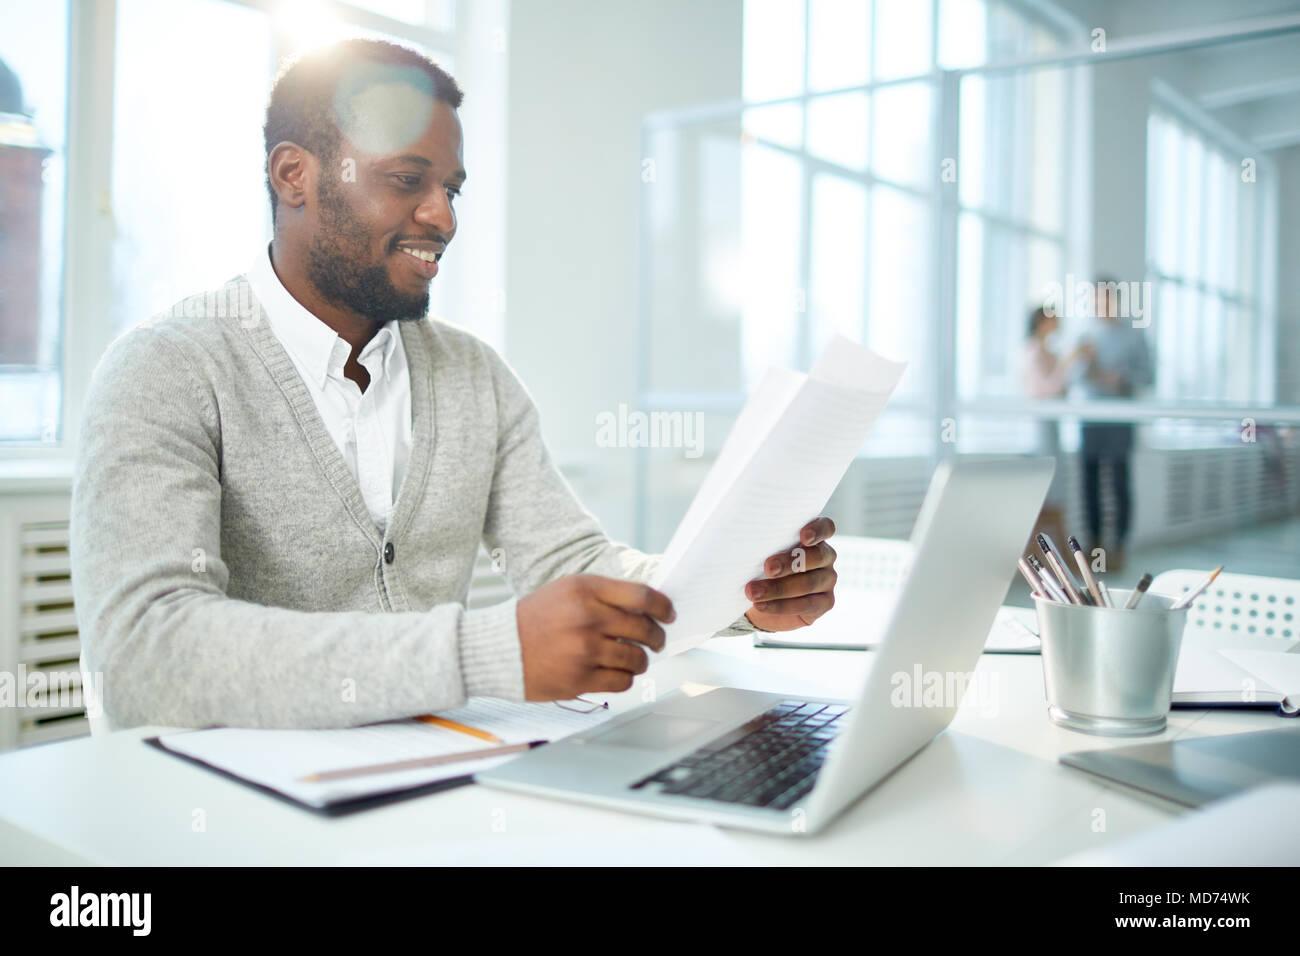 Cintura-up retrato de alegre empresario Afroamericano estudiando el documento mientras está sentado en un escritorio de oficina abierta, moderna Lens Flare Imagen De Stock